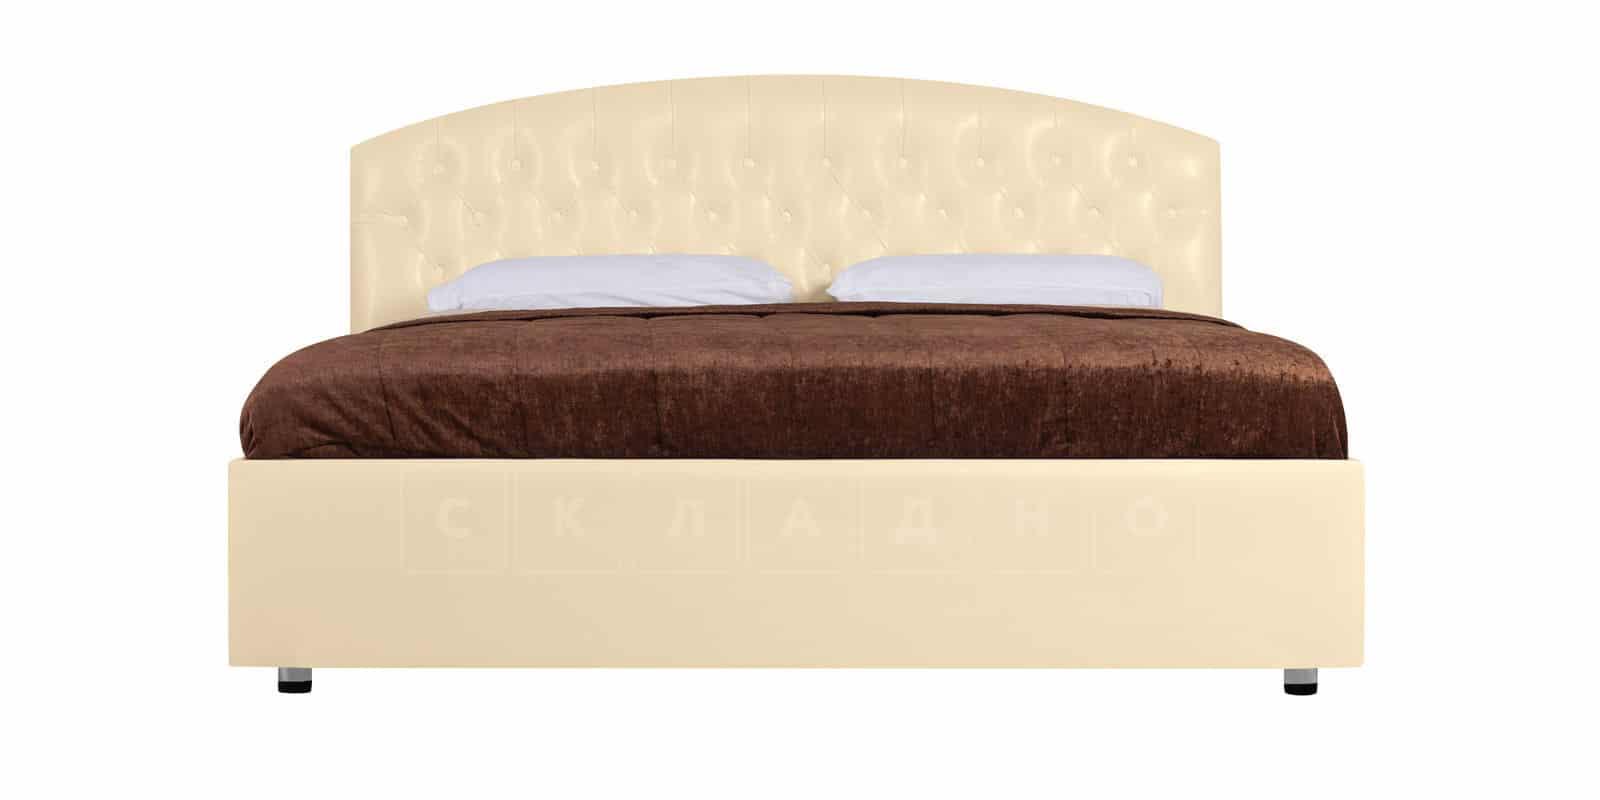 Мягкая кровать Малибу 160см экокожа бежевого цвета вариант 1-2 фото 3 | интернет-магазин Складно